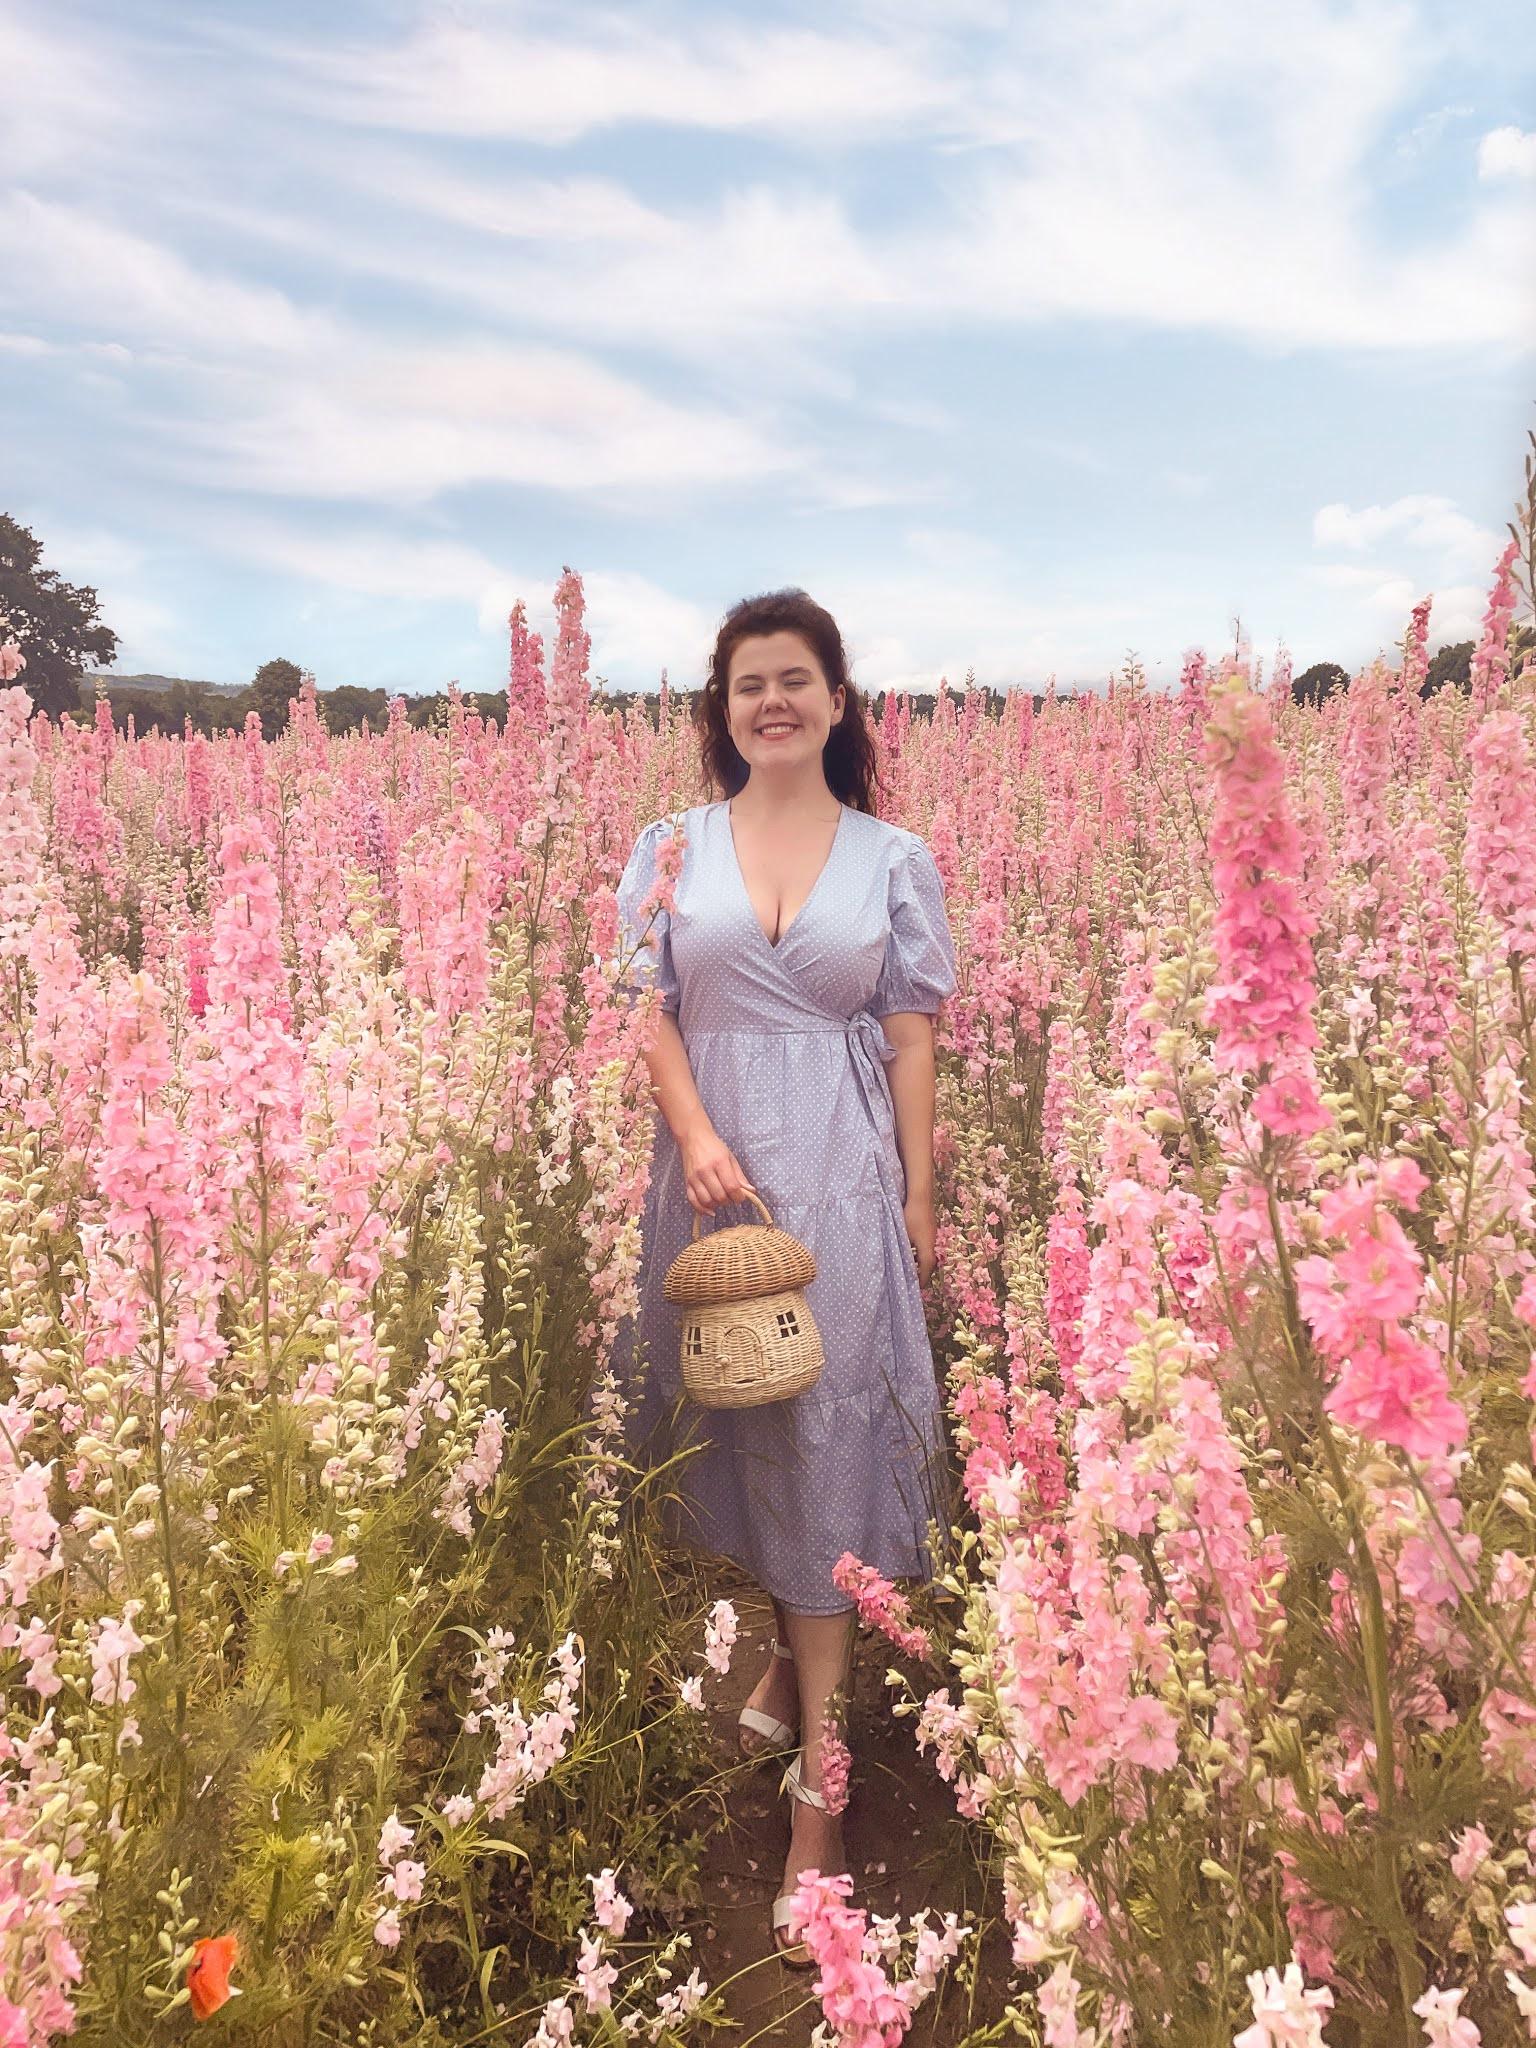 Real Petal Confetti Company UK Flower Field